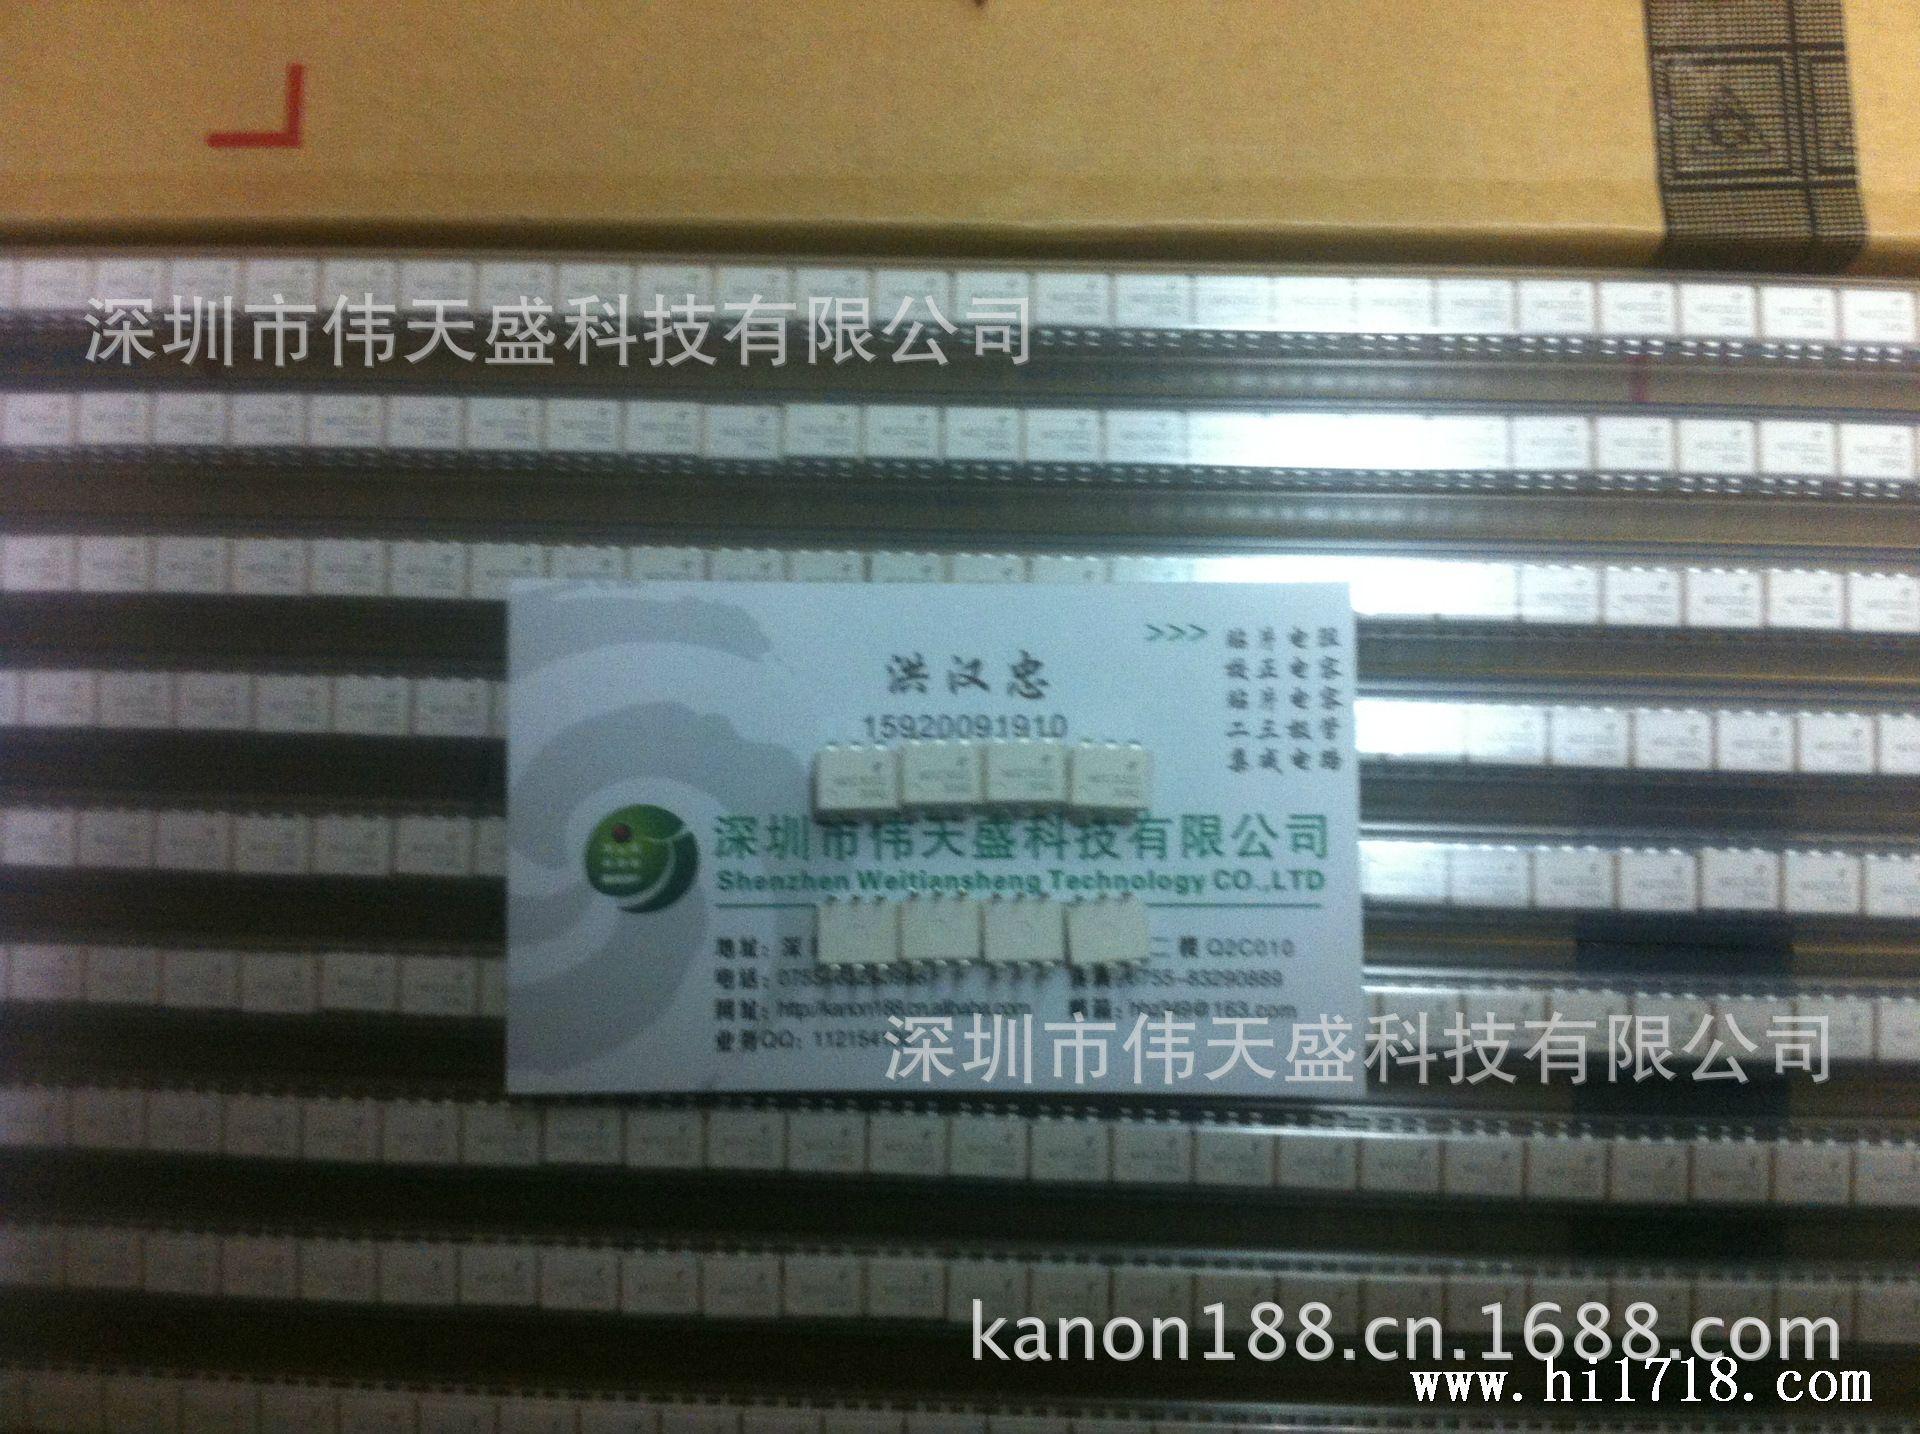 BCD代理 AP3842CP E1 全新原装正品现货供应 广泛应用于开关电源